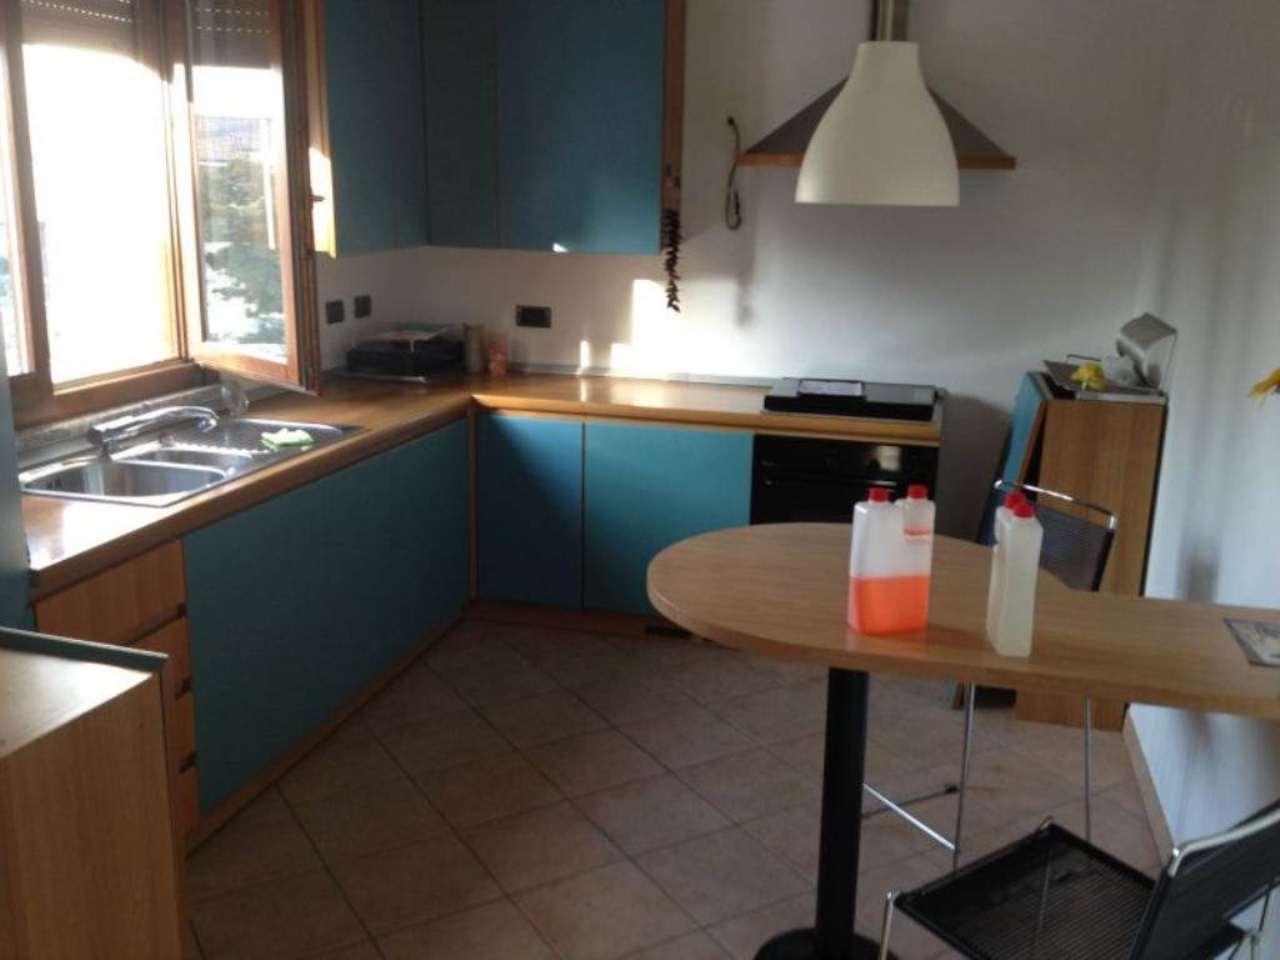 Soluzione Indipendente in vendita a Viadana, 6 locali, prezzo € 130.000 | Cambio Casa.it